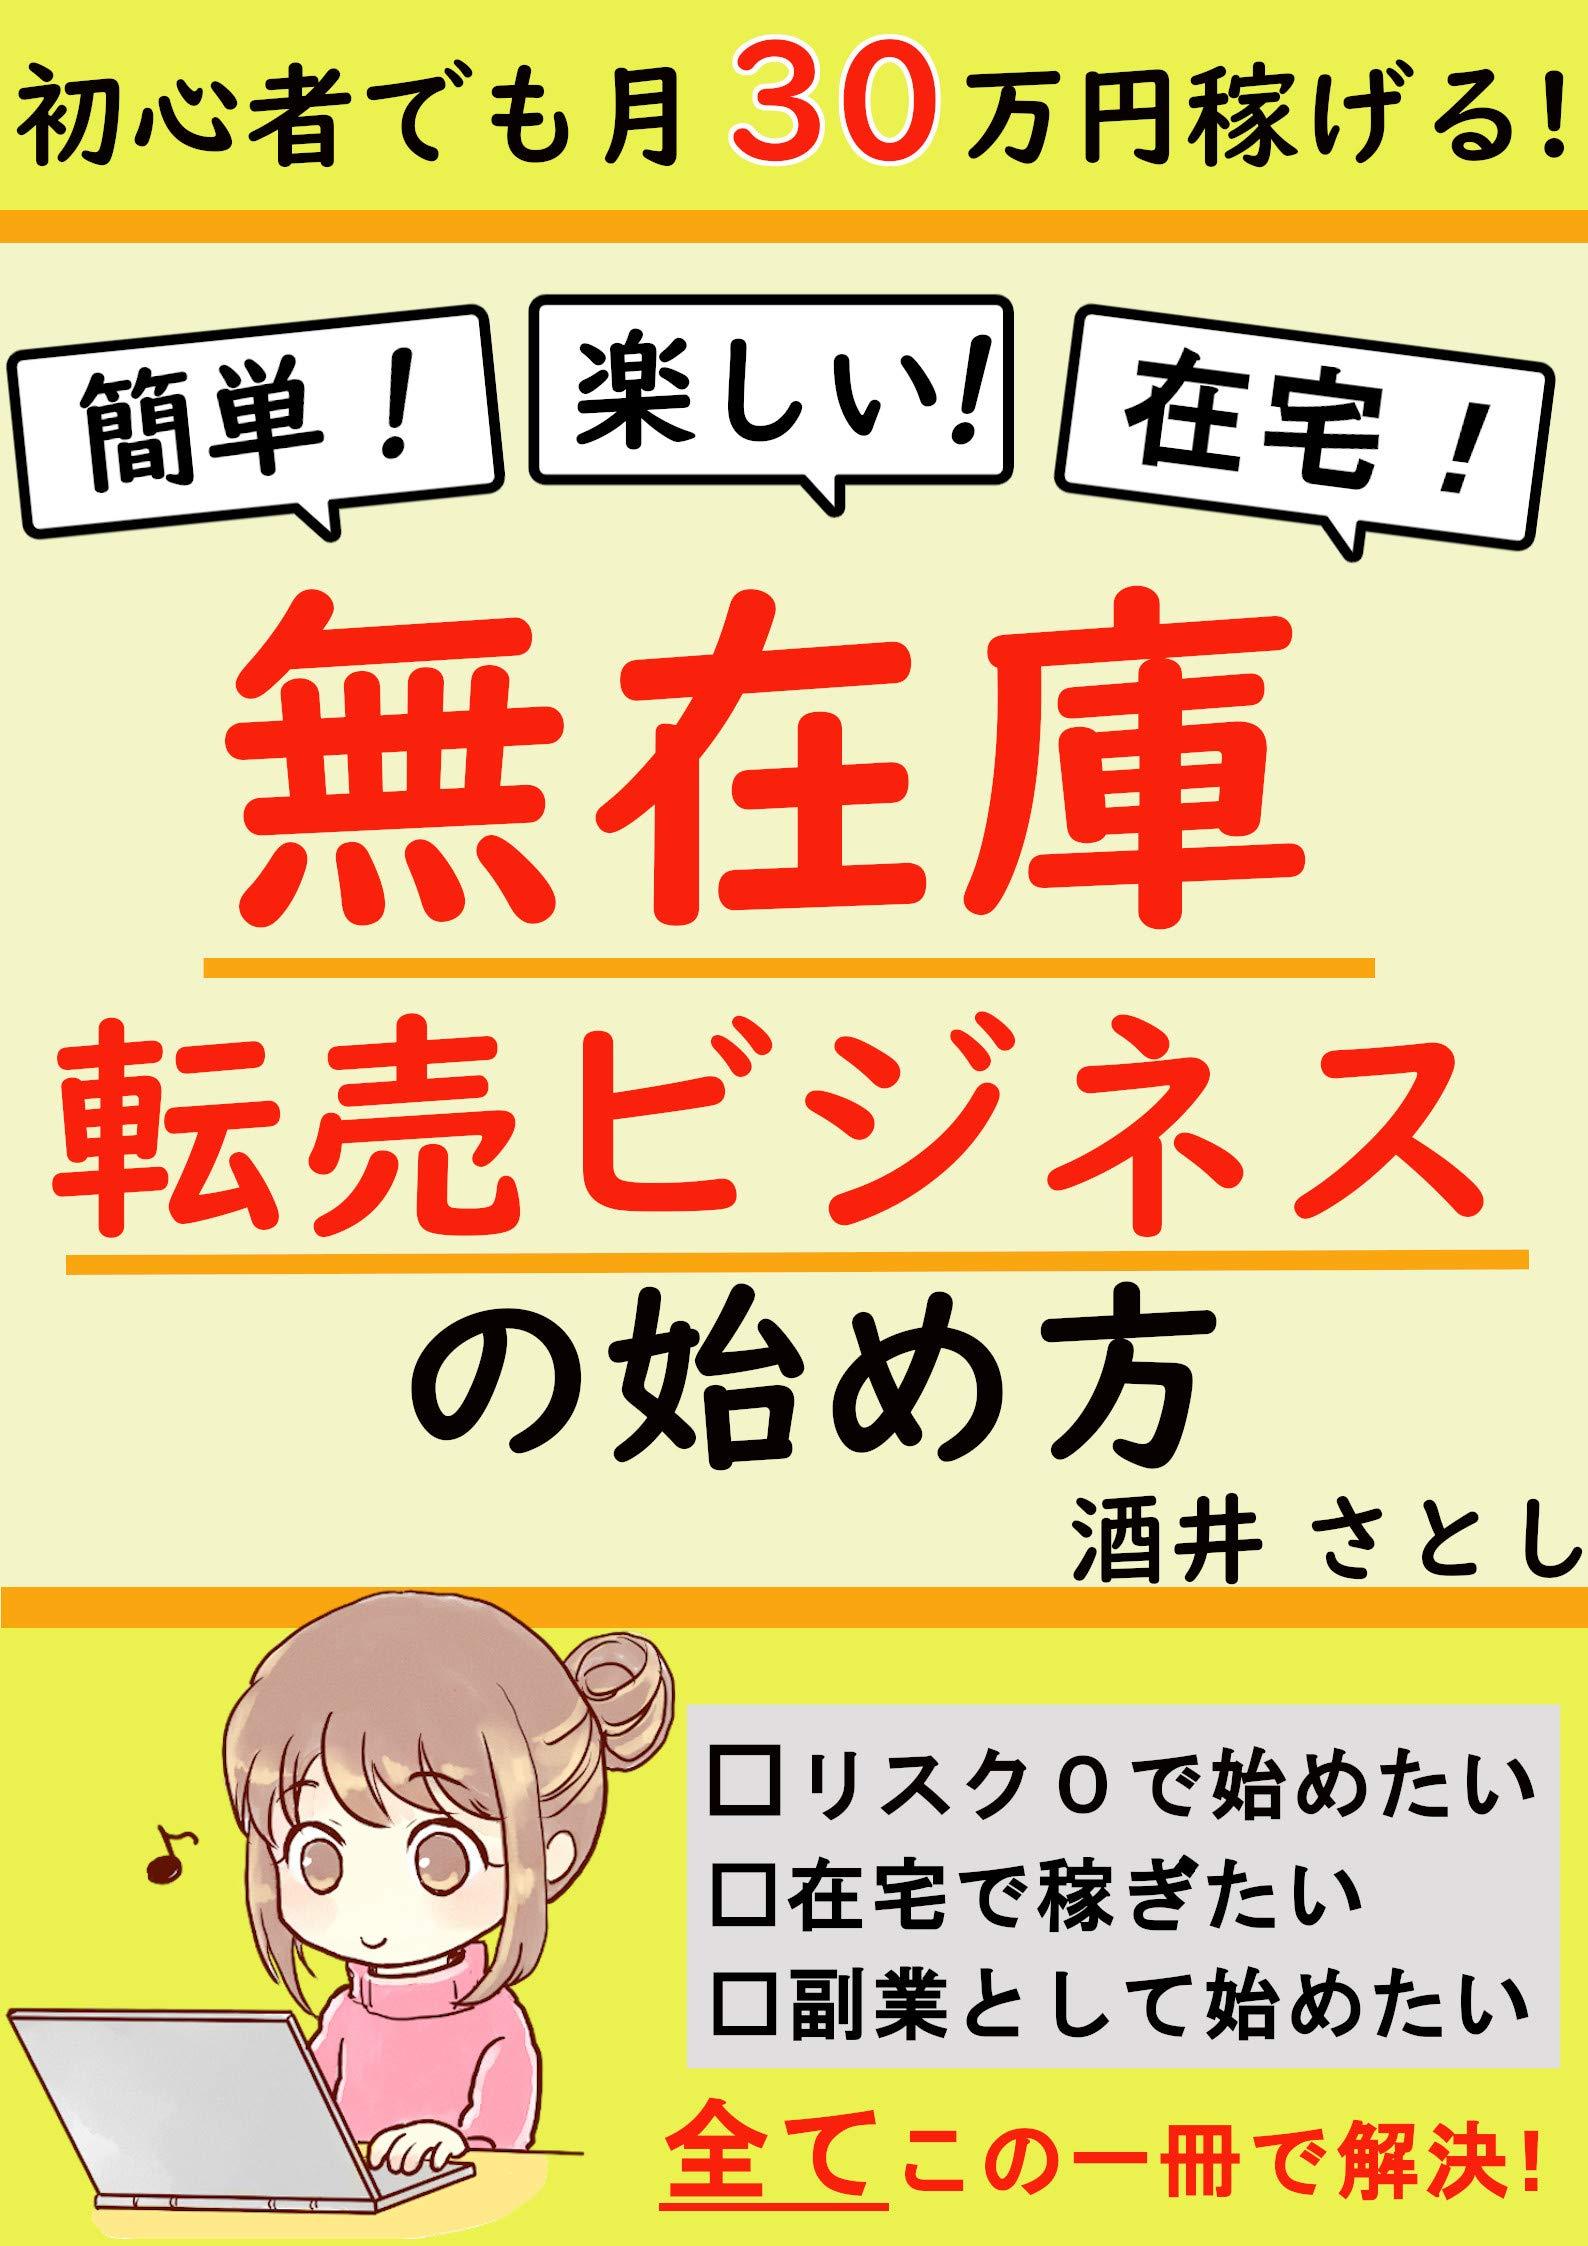 nisennijyunensaisinbannshoshinshademotukisannjyumannkasegeru muzaikotenbaibijinesunohajimekata zaitakuhukugyou buyma muzaikohannbai (Japanese Edition)